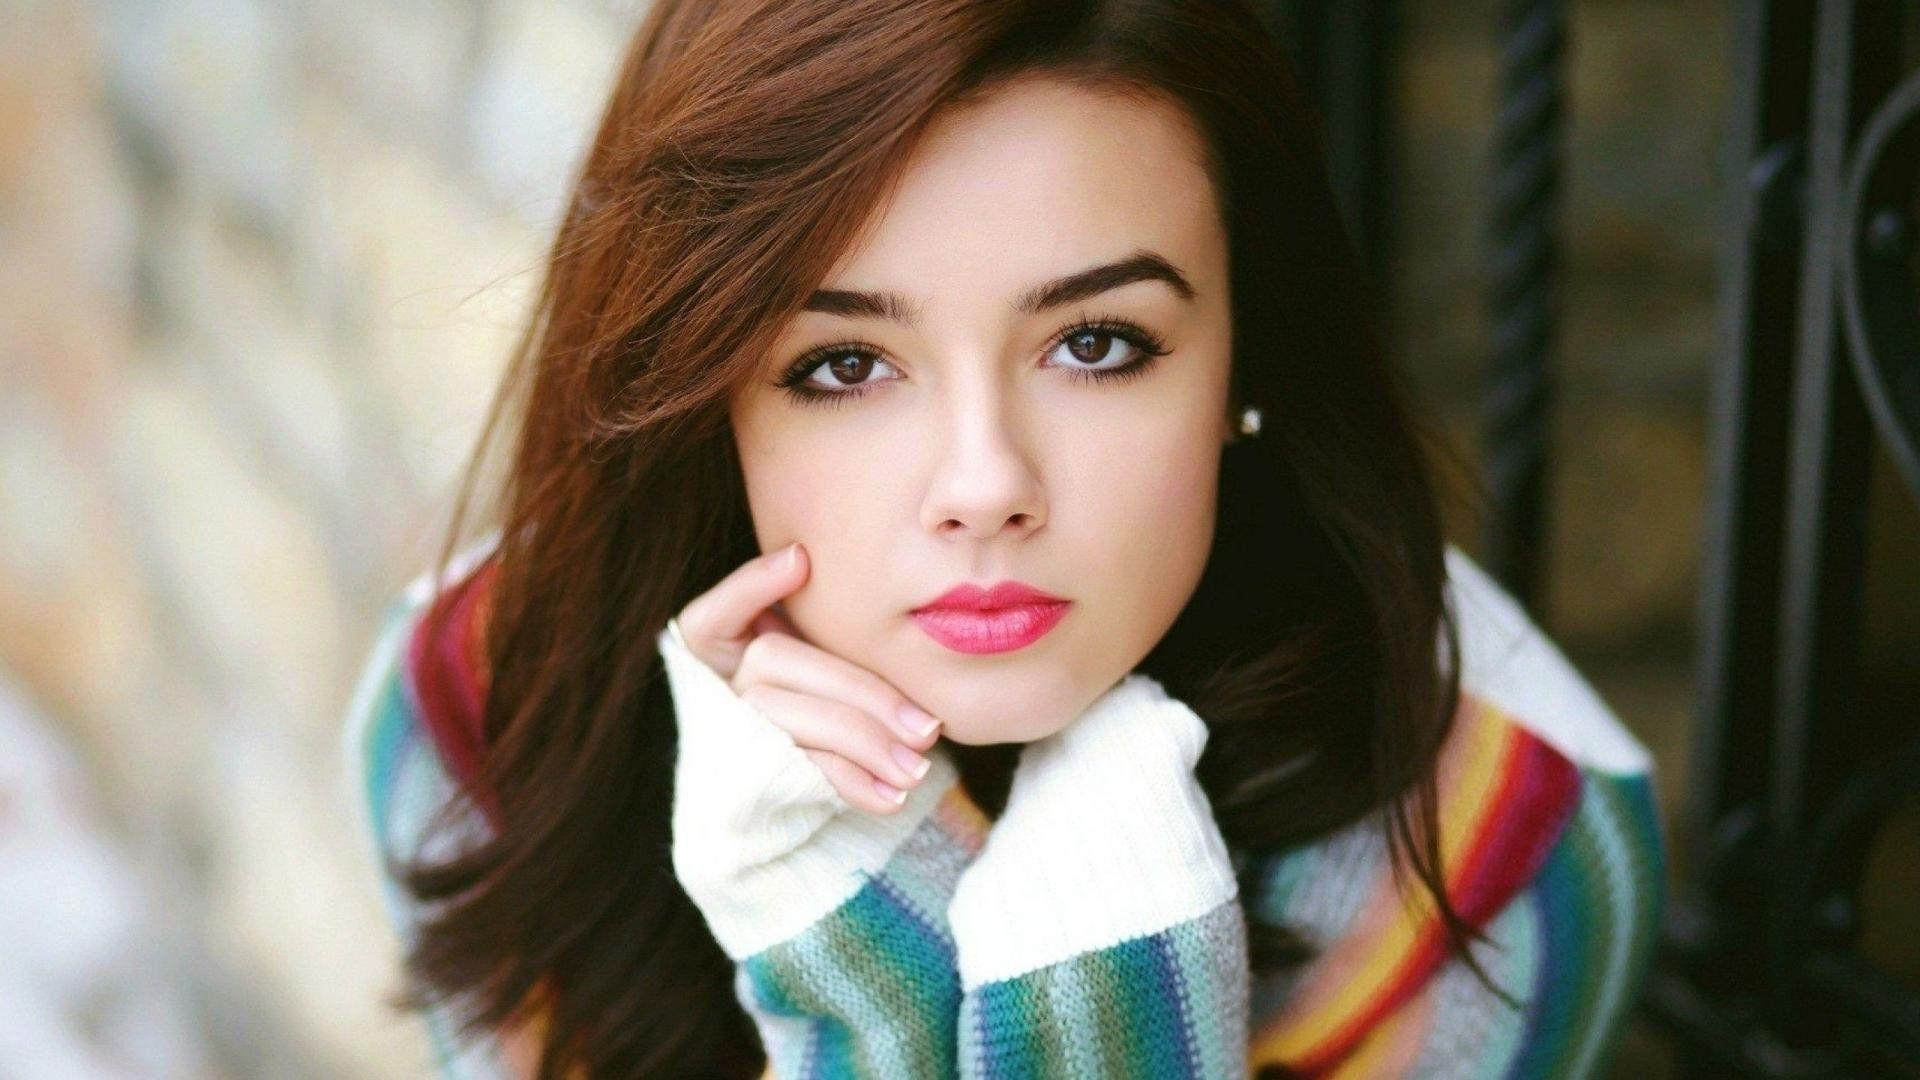 Beautiful Women - Beauty Girls